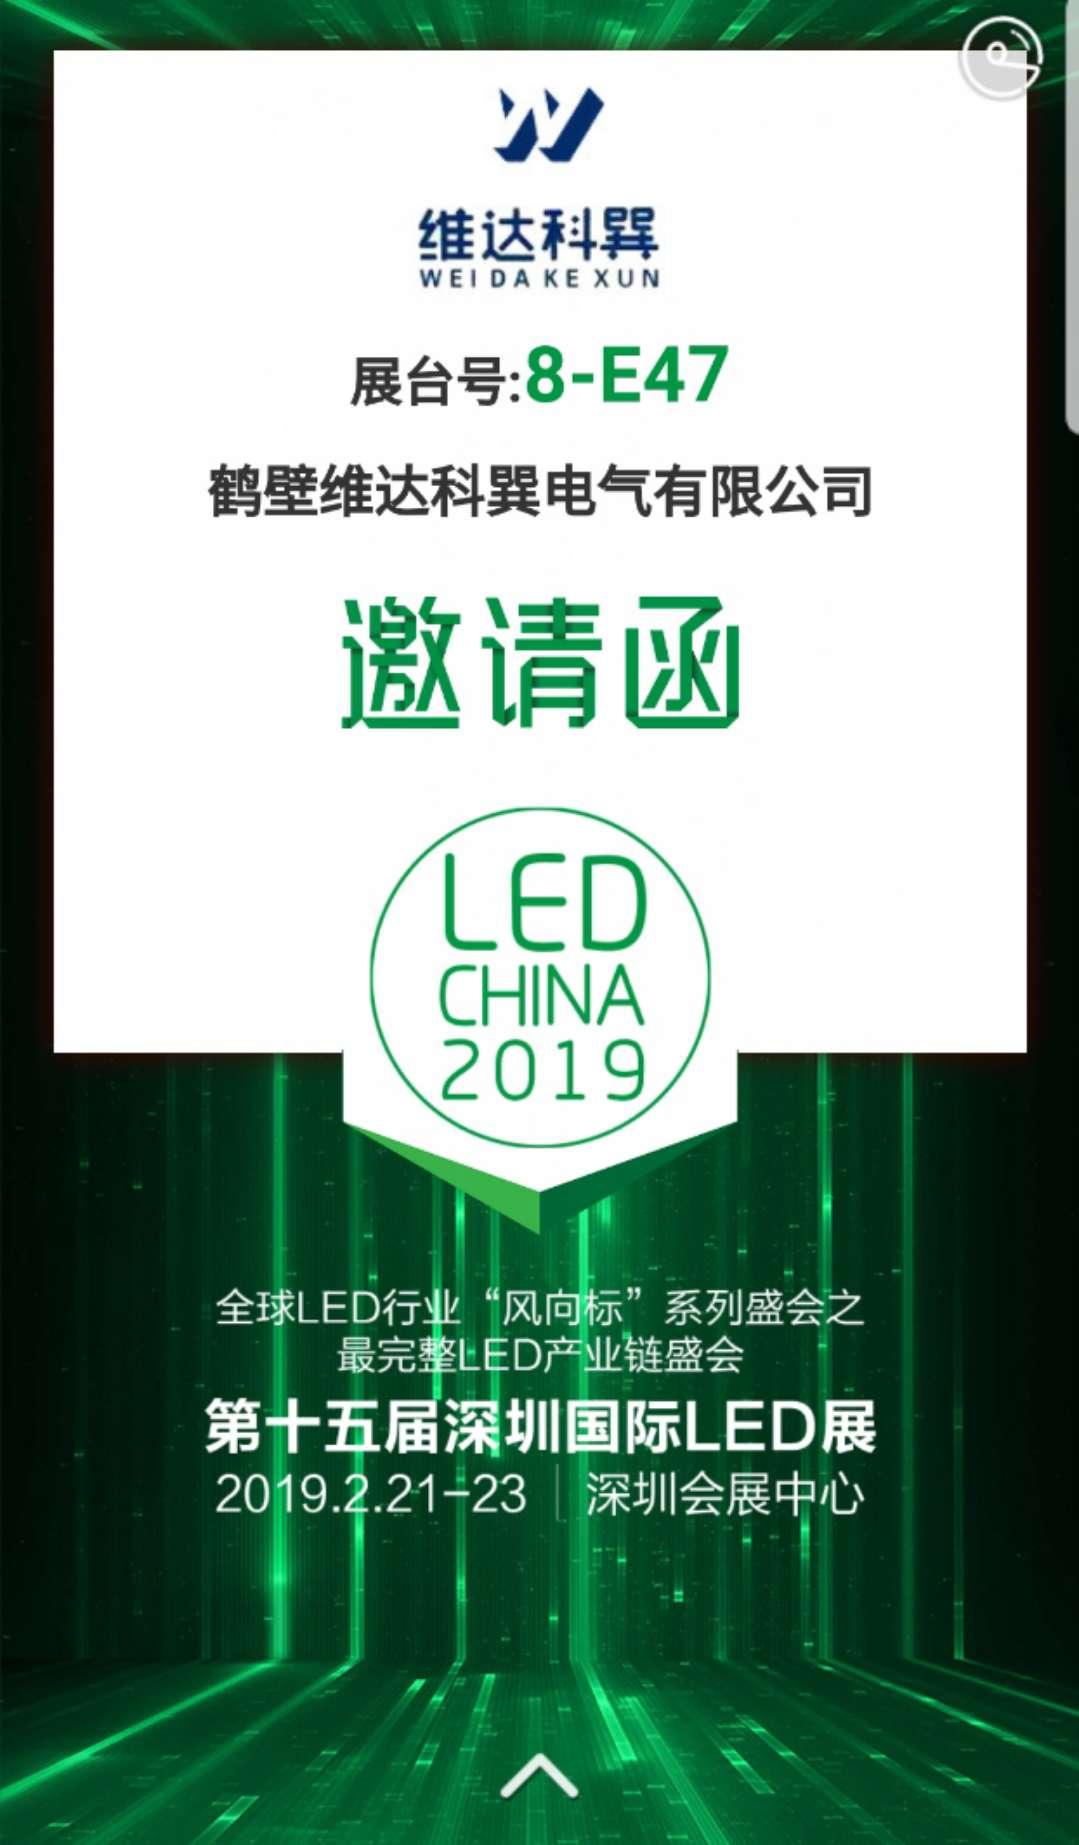 我司應邀參展第十五屆國際深圳LED展